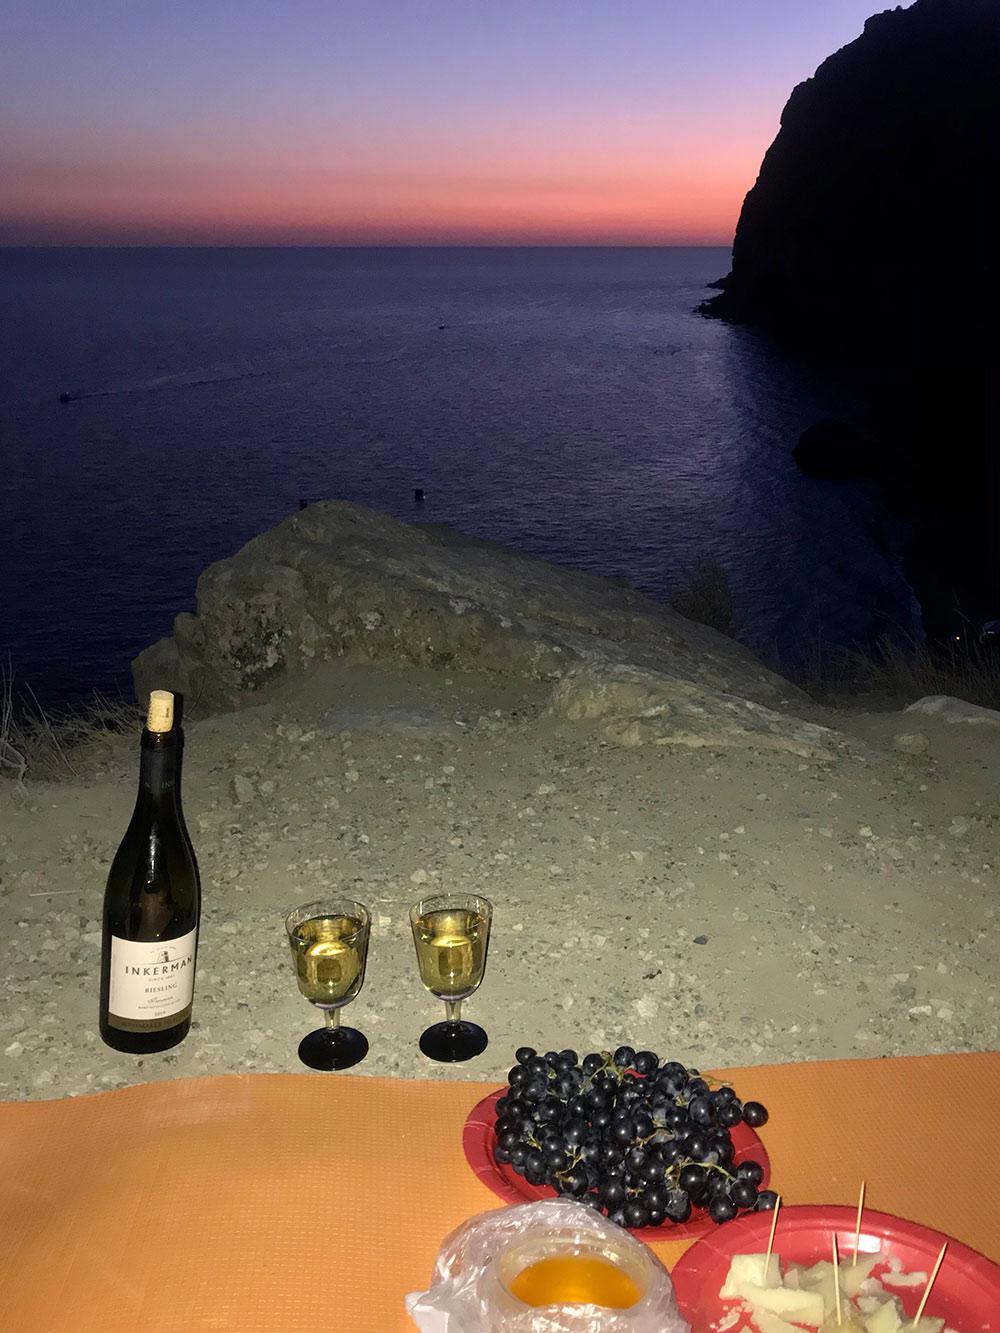 Фото избудущего — крымский палаточный ужин скрымским рислингом, крымской изабеллой, крымским луговым медом икрымским пармезаном